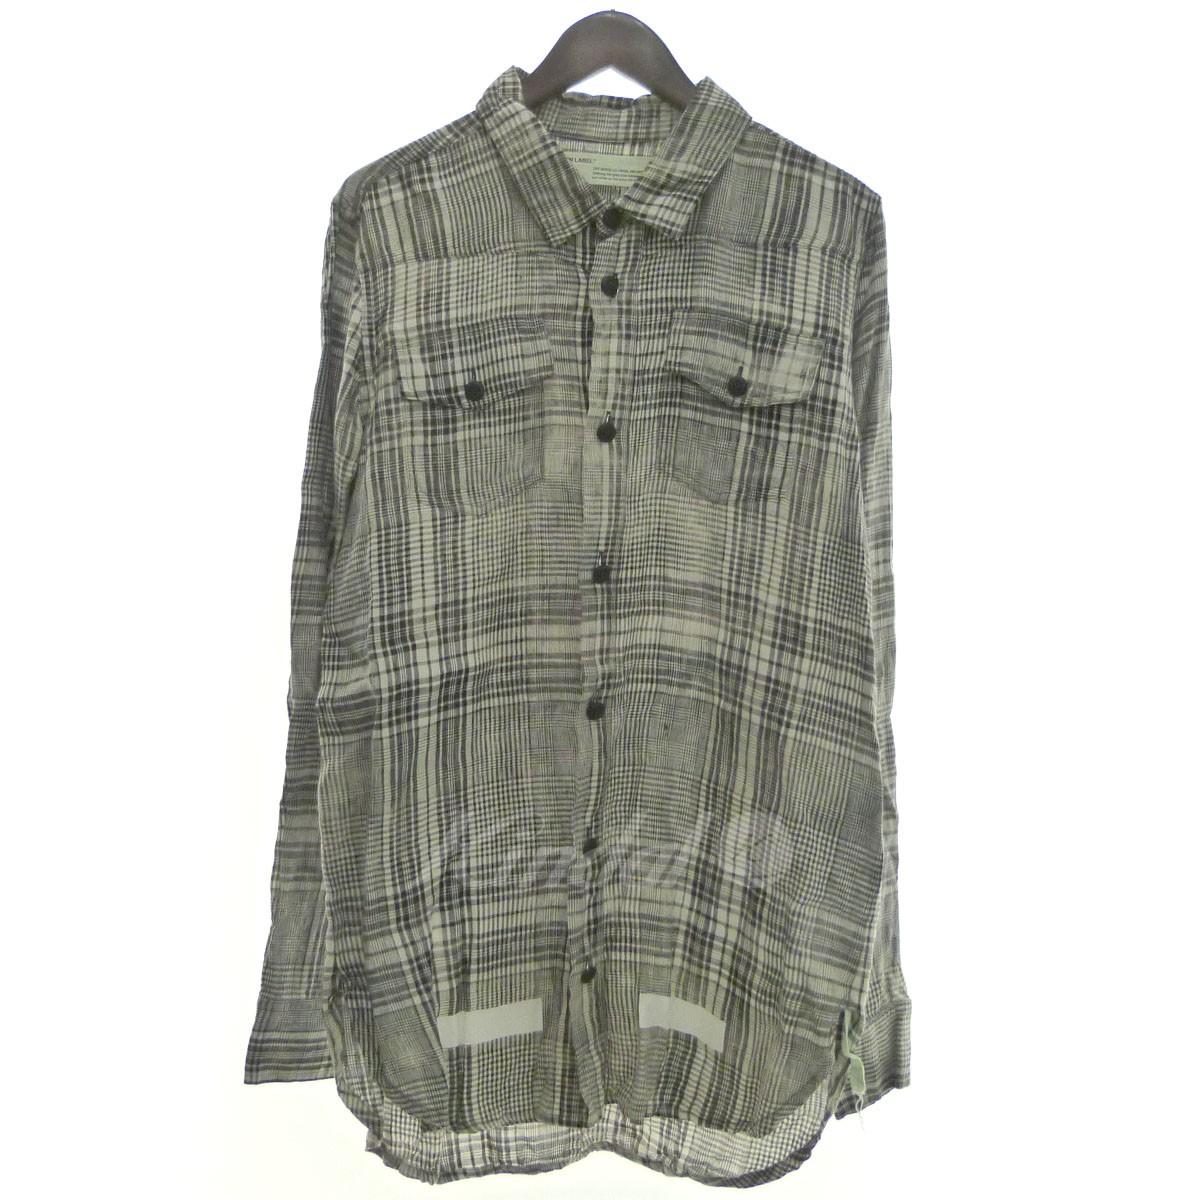 【中古】OFF WHITE 「Mirror Mirro-print checked linen shirt」チェックリネンシャツ 【送料無料】 【146449】 【KIND1550】